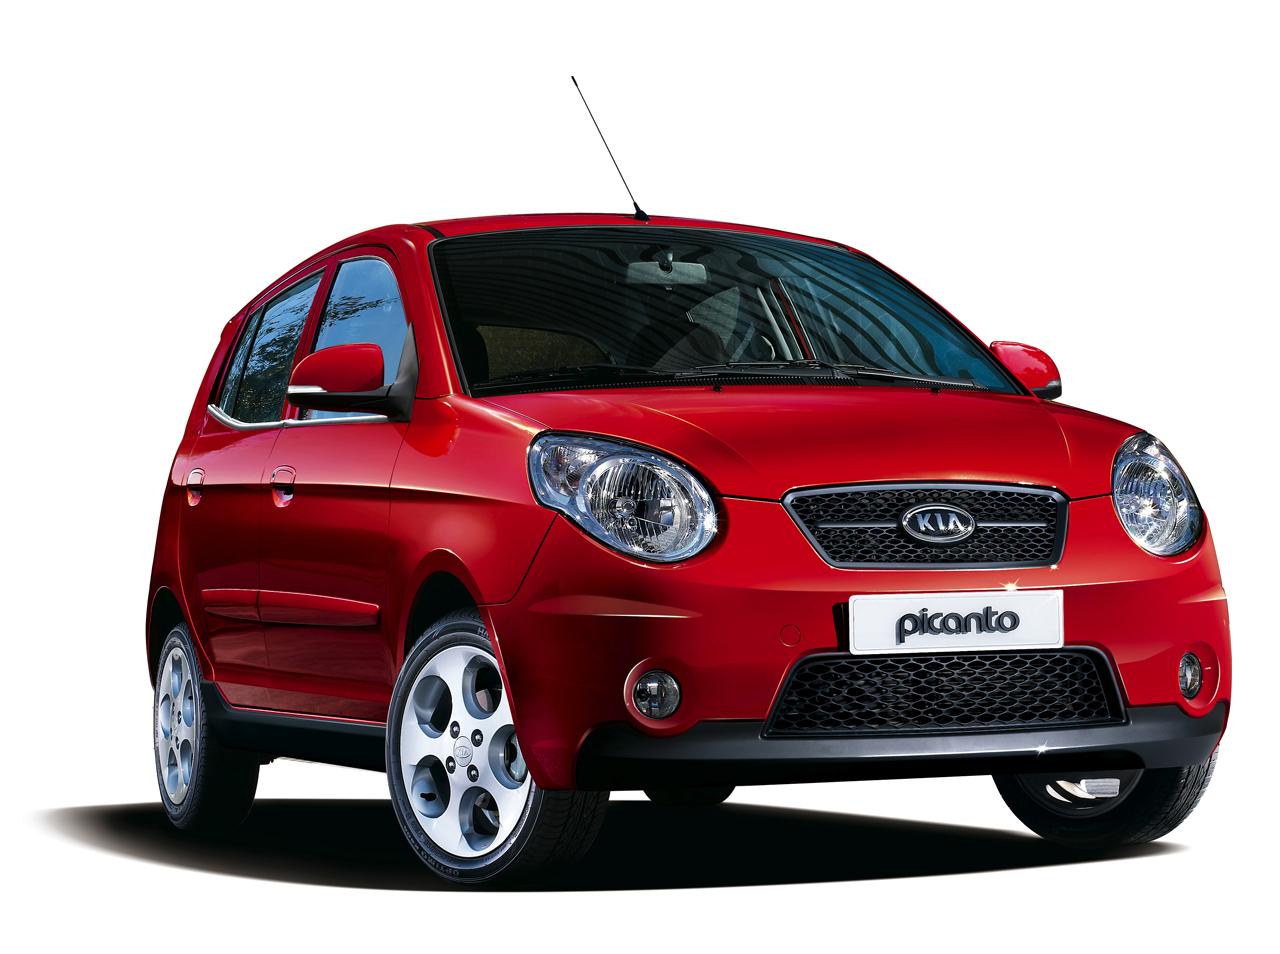 kia revela detalhes do picanto 2010 all the cars. Black Bedroom Furniture Sets. Home Design Ideas